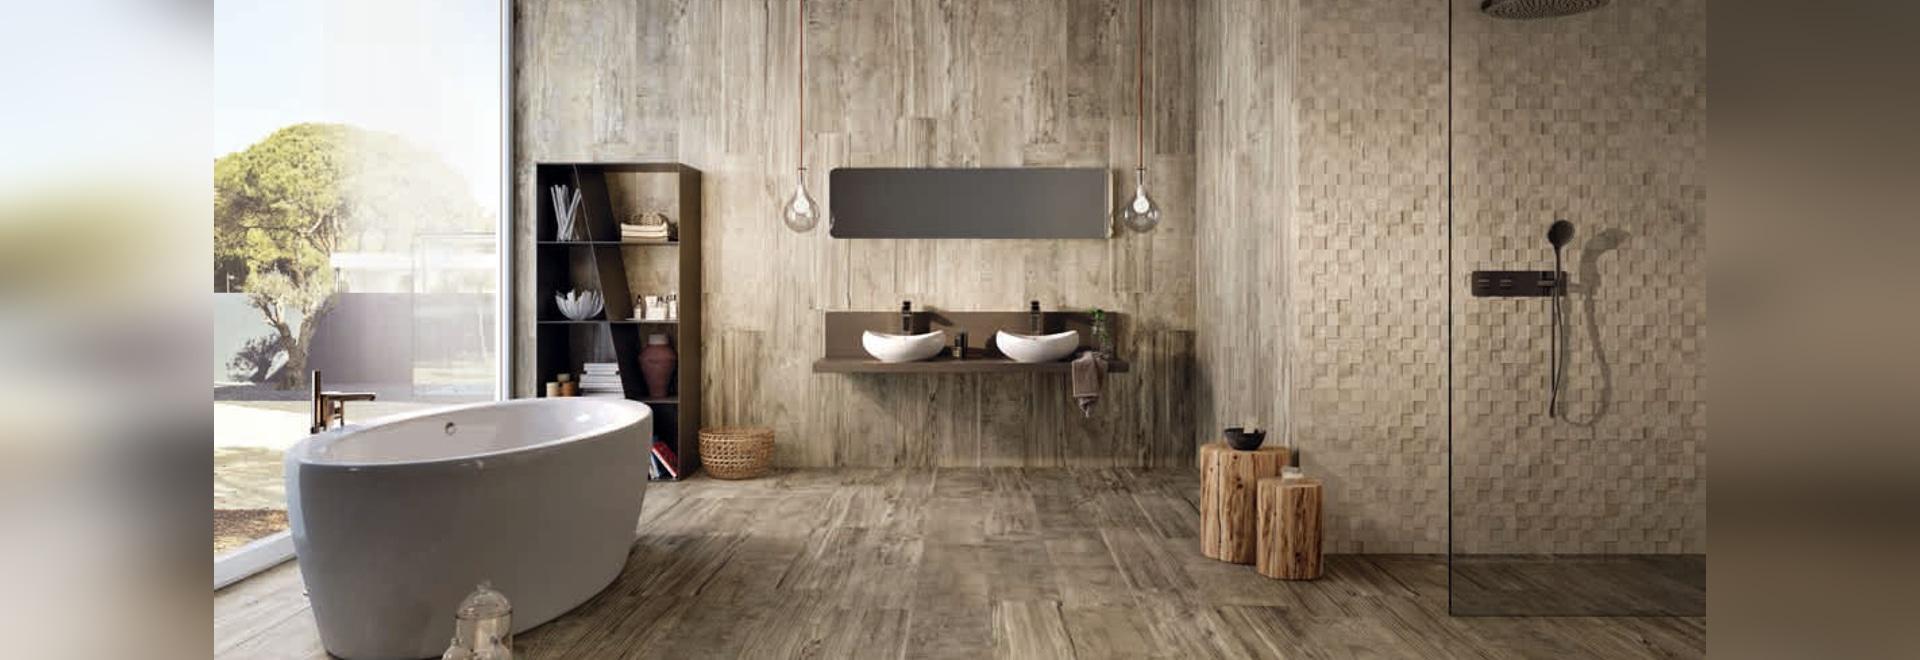 New Floor Tile By Roca Tile Roca Tile